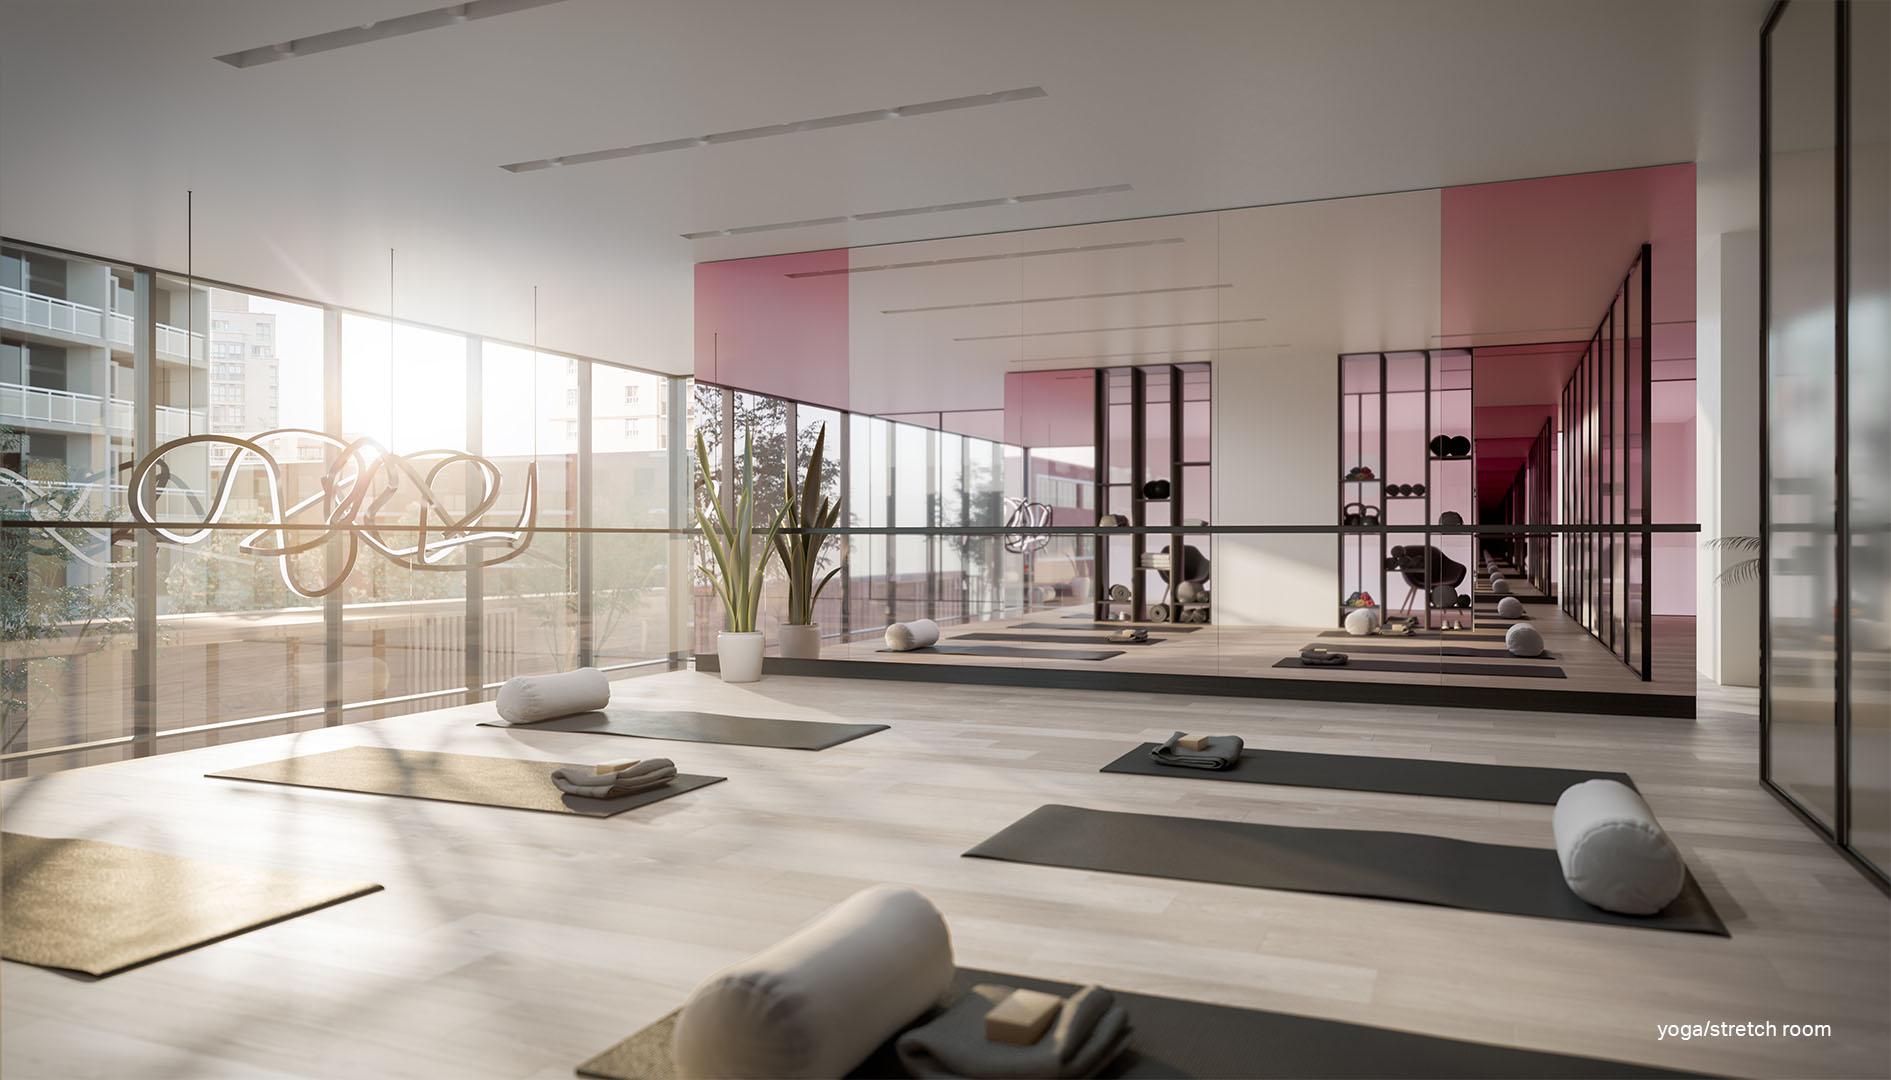 3-Yoga-Stretch-Room